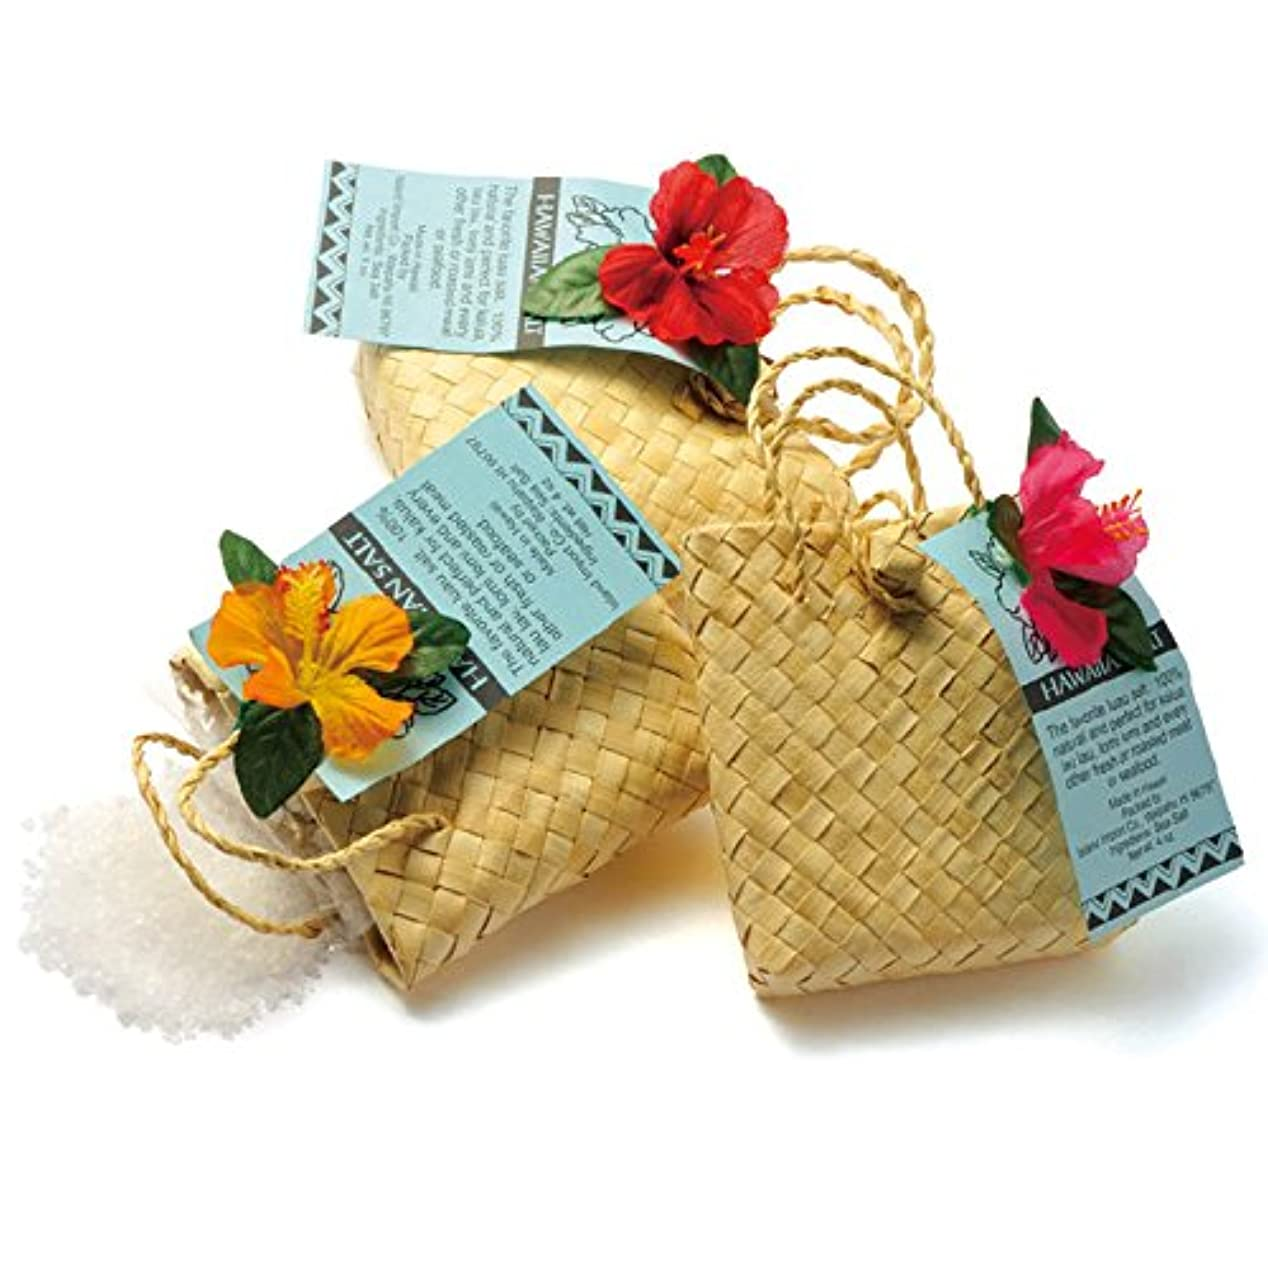 ハワイ 土産 ハワイ ソルトバッグ入り 3袋セット (海外旅行 ハワイ お土産)